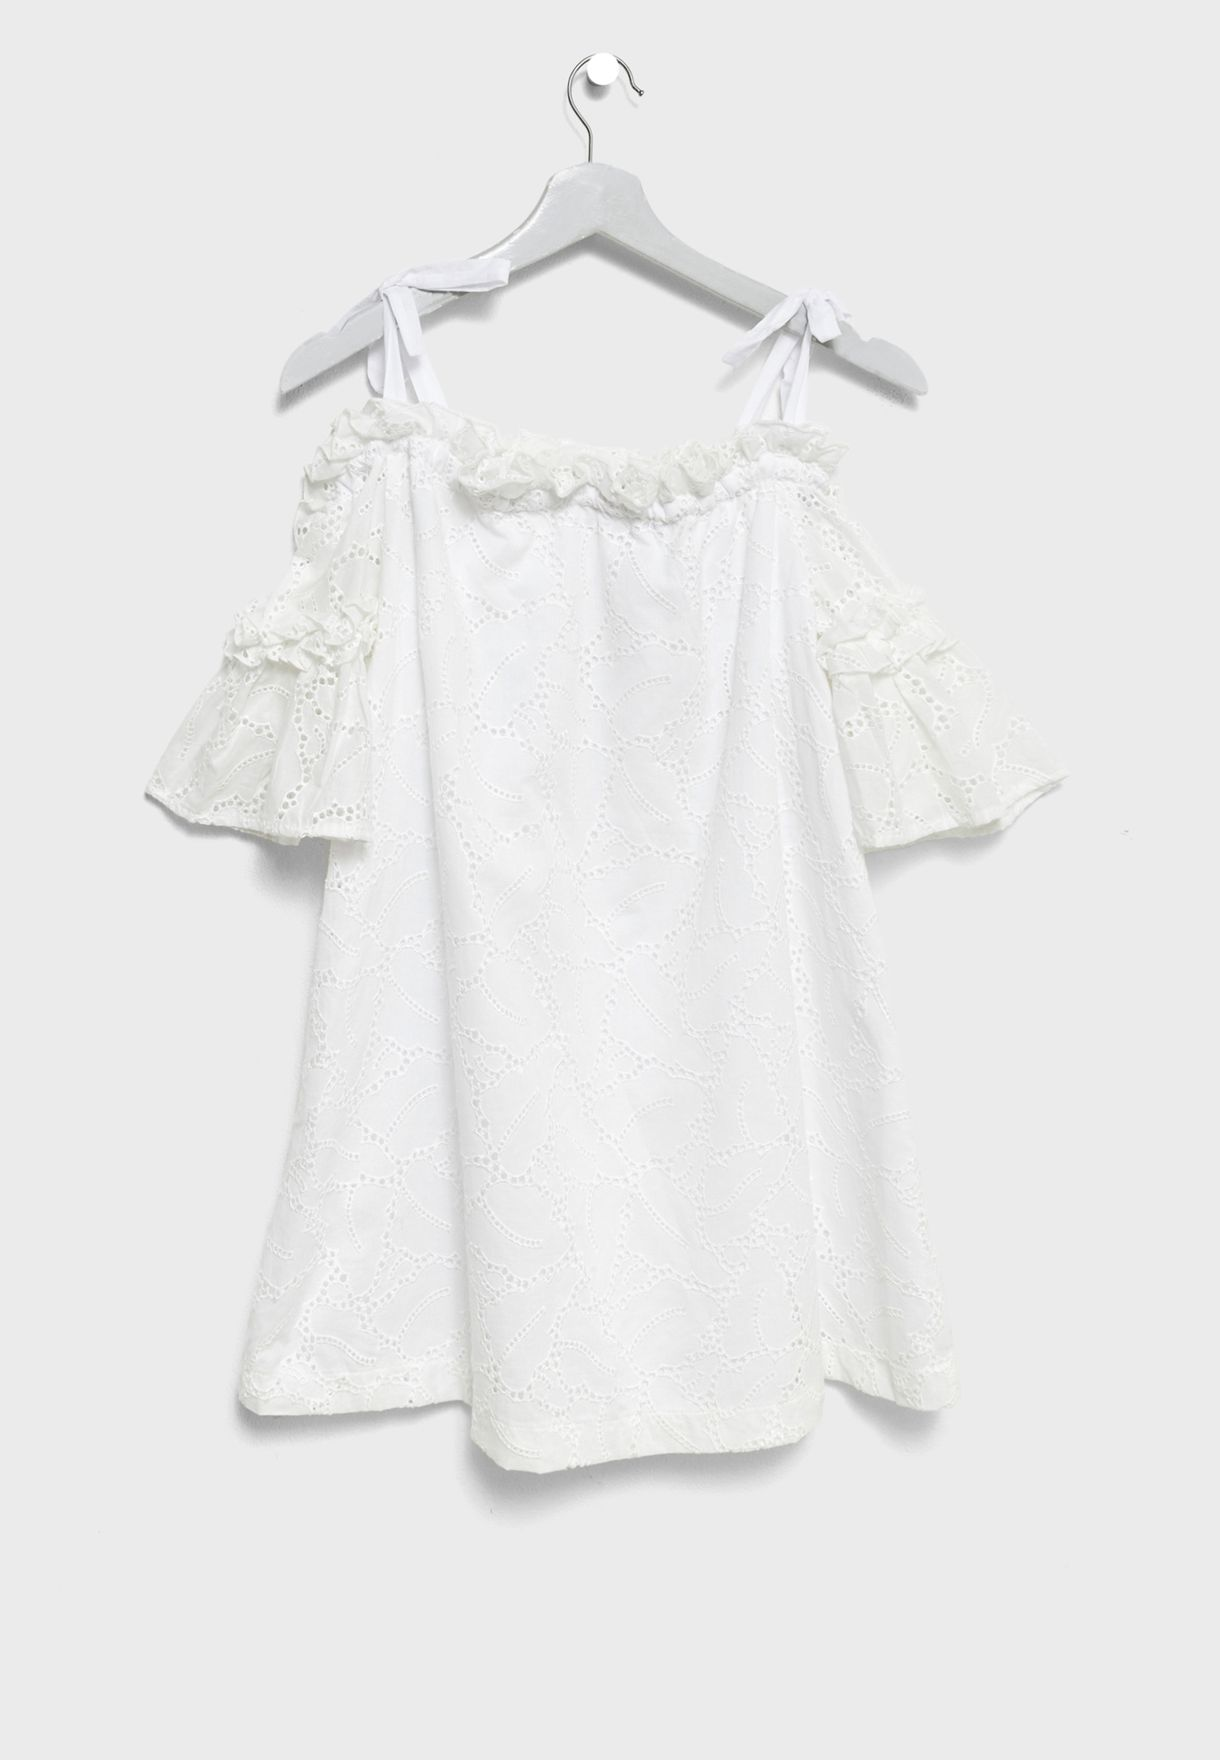 فستان مزين بفتحات صغيرة